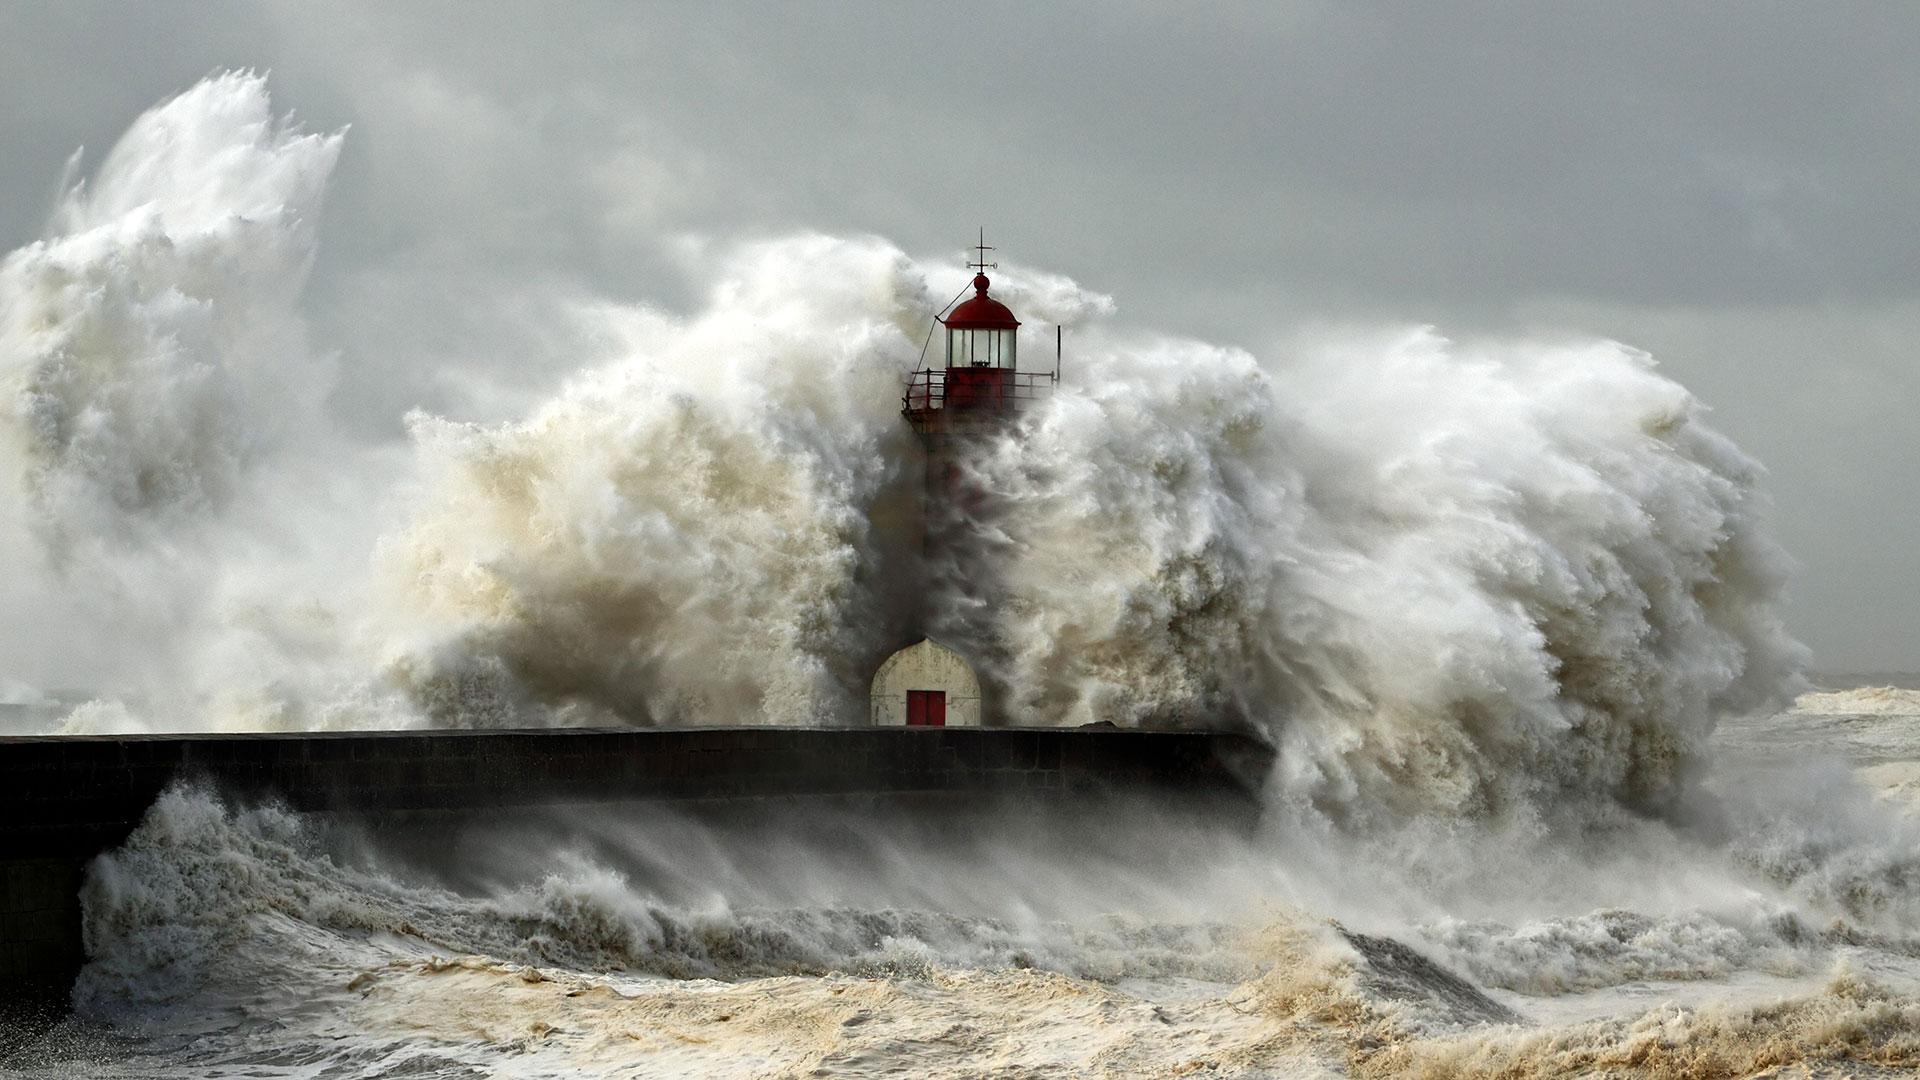 Waves breaking on sea wall